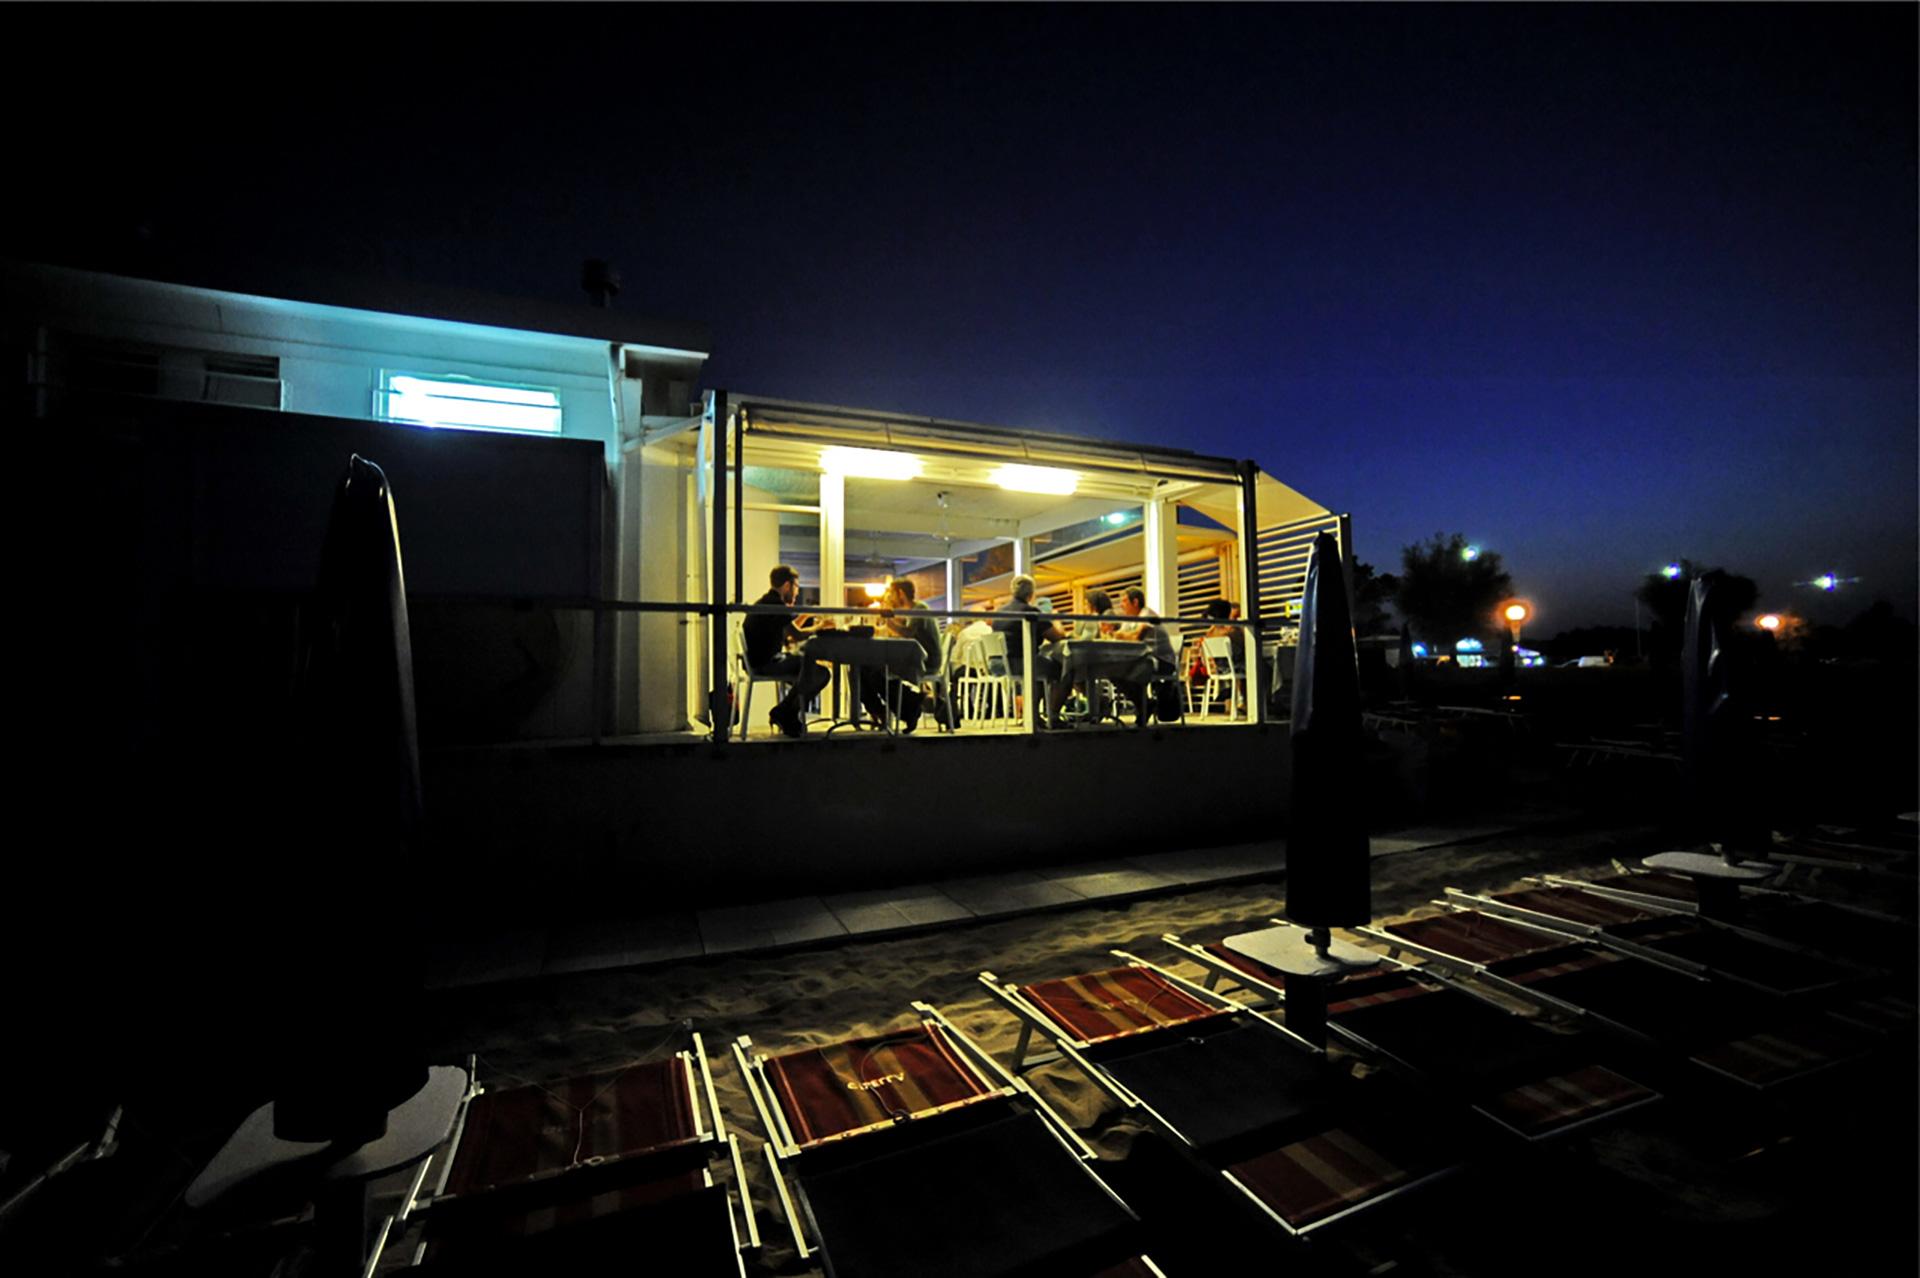 ristorante da ciccio. sala esterna in notturna vista dal mare.